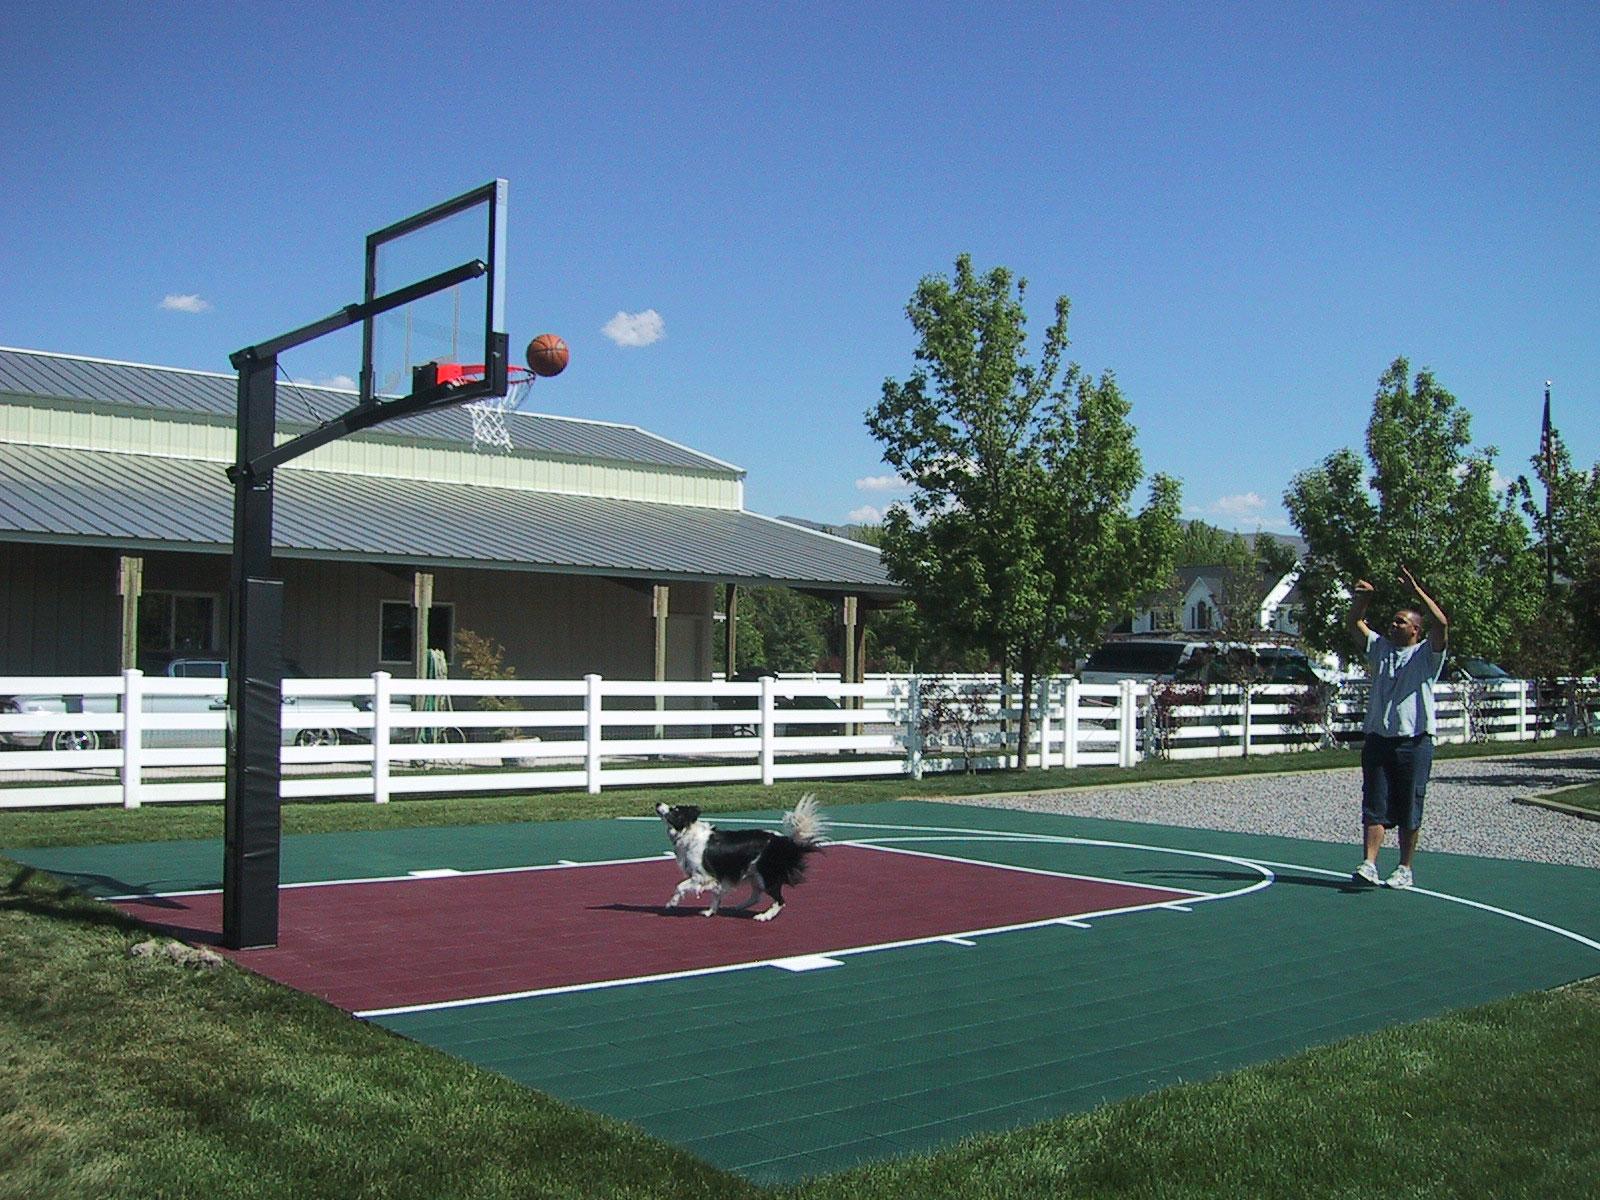 Man and dog playing basketball on their backyard court